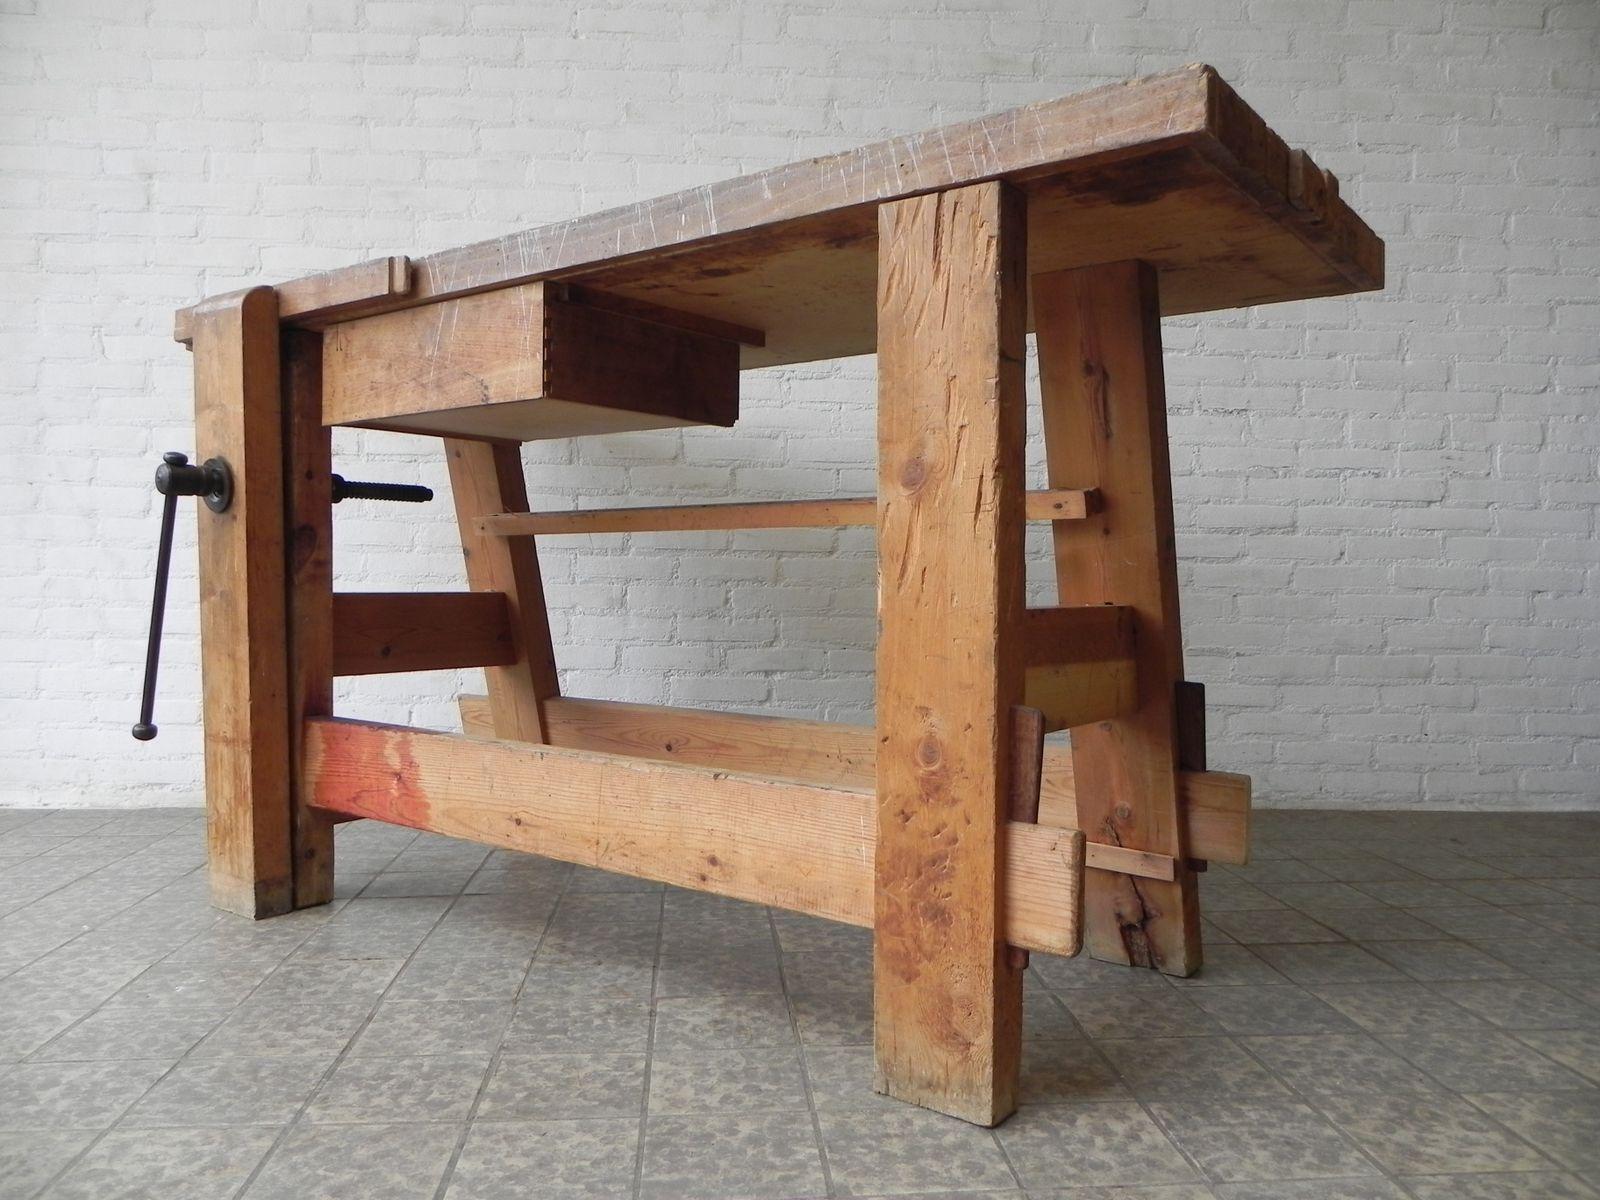 banc de travail industriel avec vet1960s en vente sur pamono. Black Bedroom Furniture Sets. Home Design Ideas